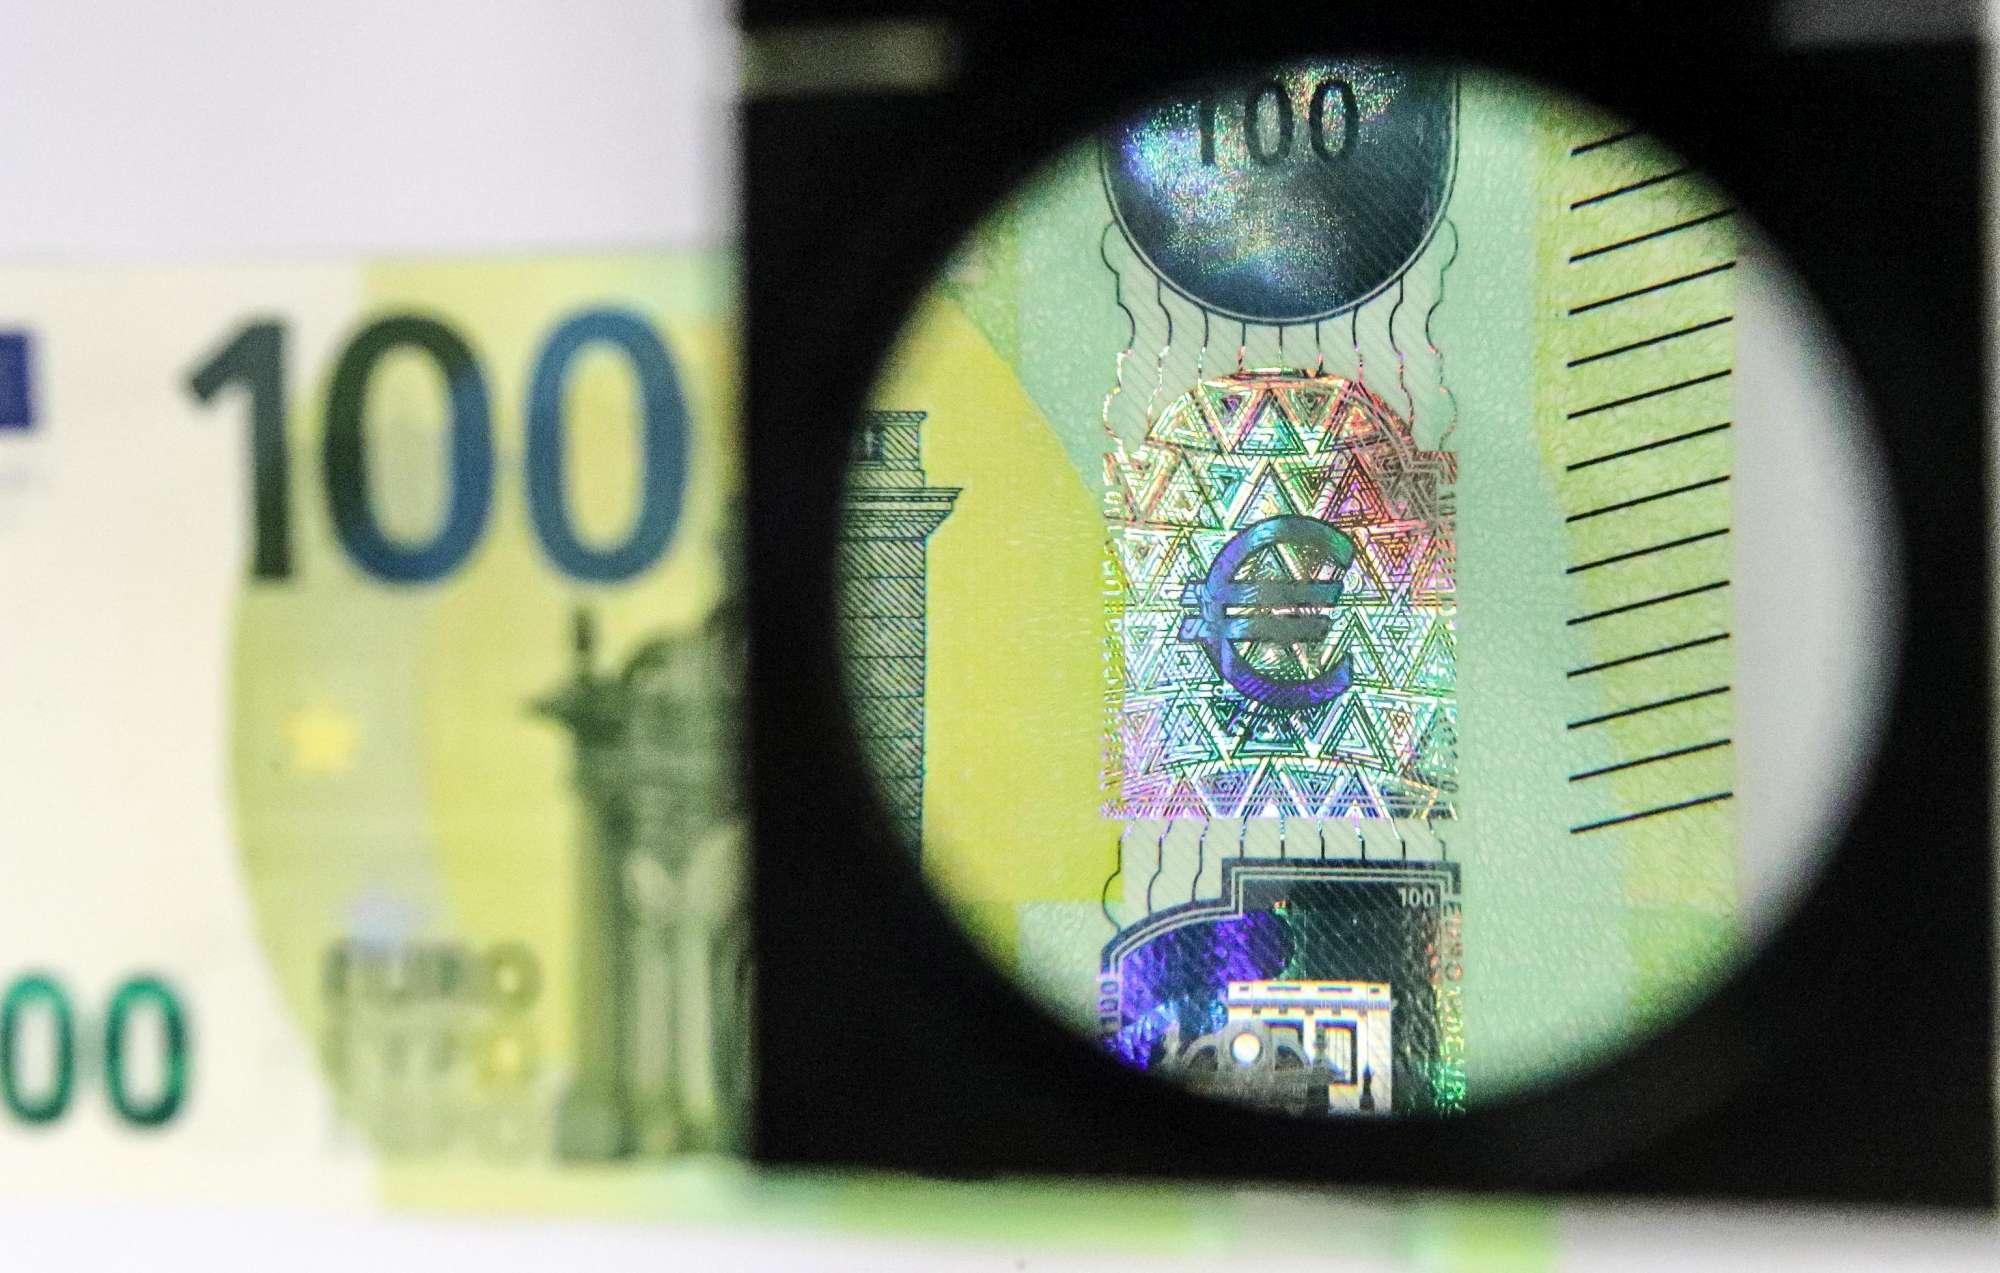 6fd241eb3d Guerra ai falsari, in arrivo nuove banconote da 100 e 200 euro - Tgcom24